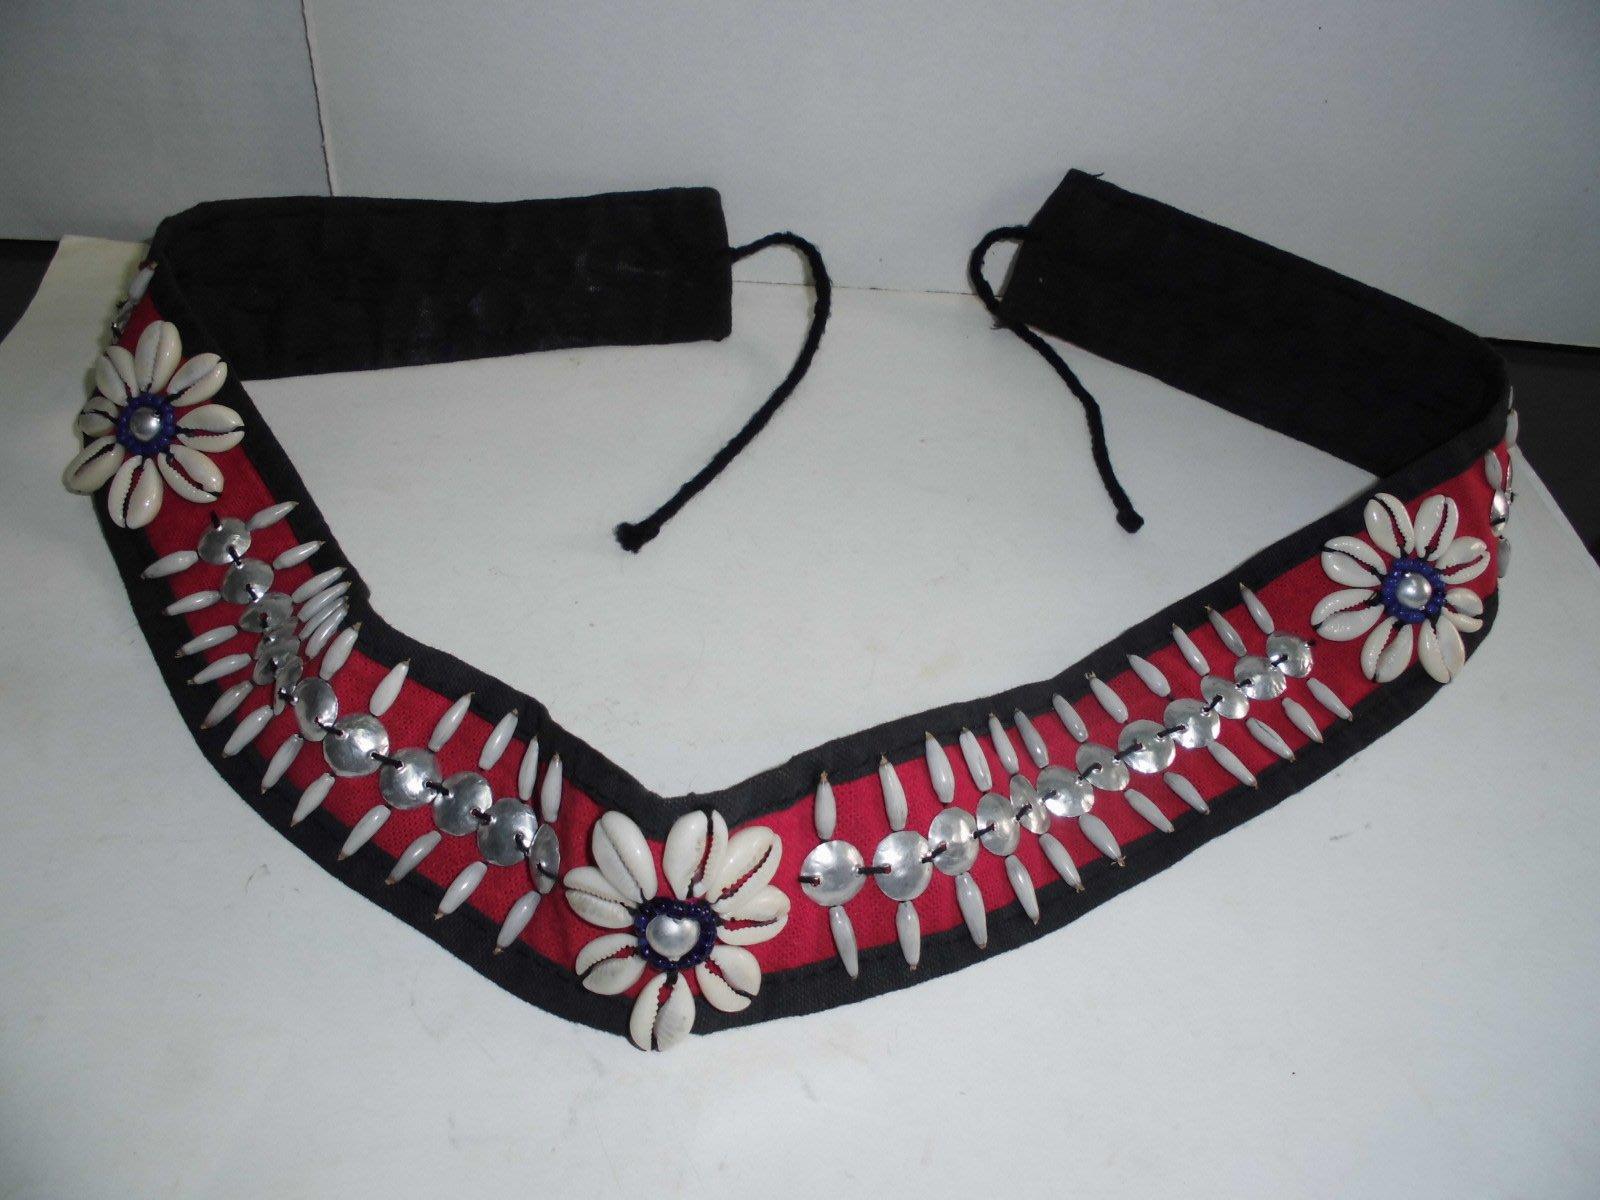 原住民編織貝殼腰束(帶) [全面降價、拼經濟、歡迎議價]